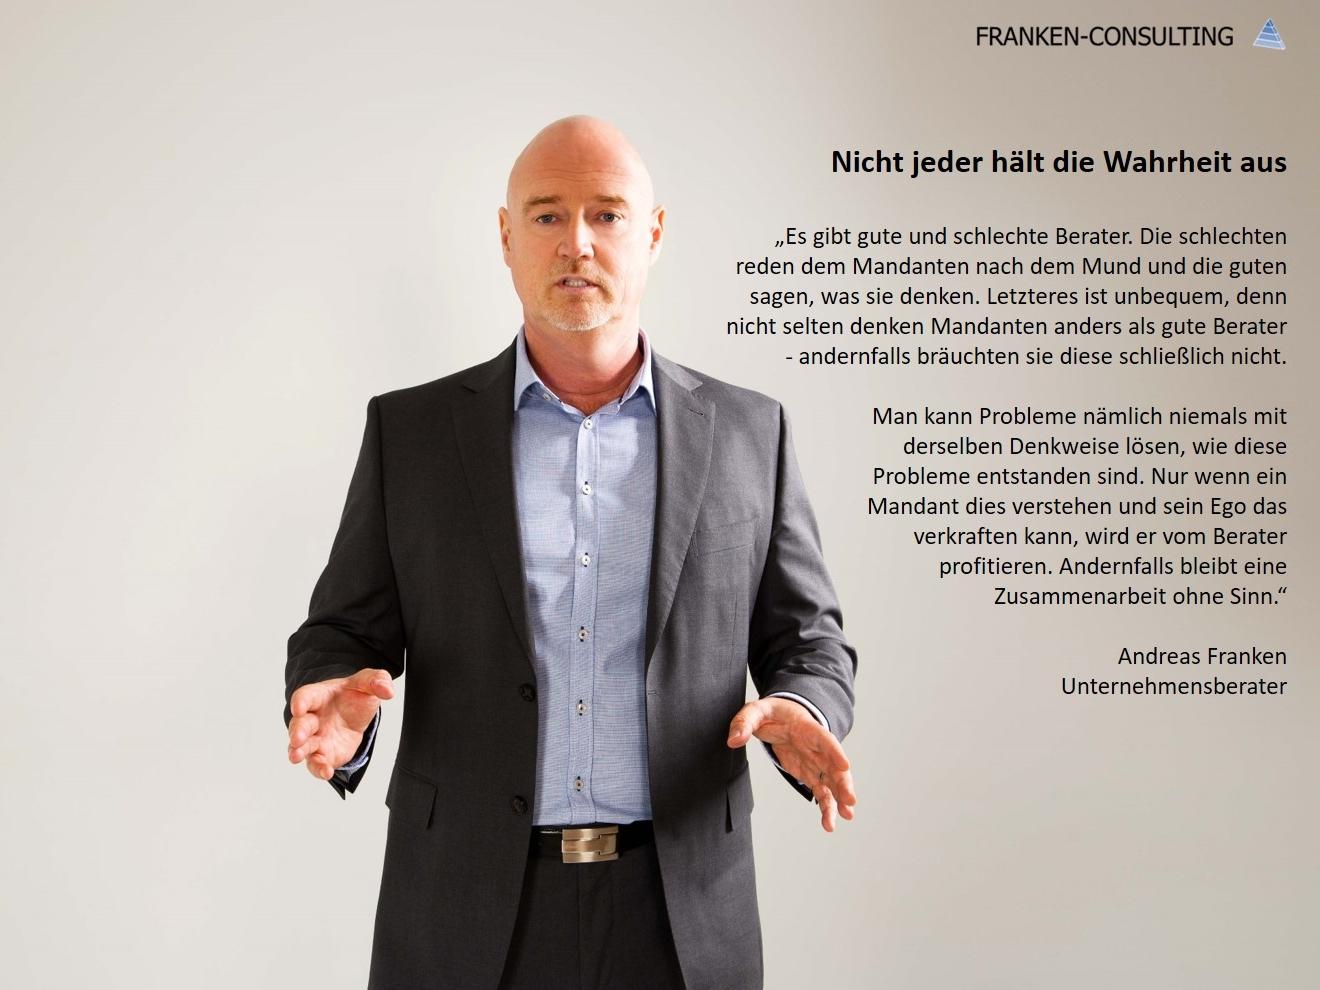 Franken-Consulting Unternehmensberatung, Pricing, Pricing-Prozess, Marketing, Pricing, Pricing, Big Data, Advanced Analytics